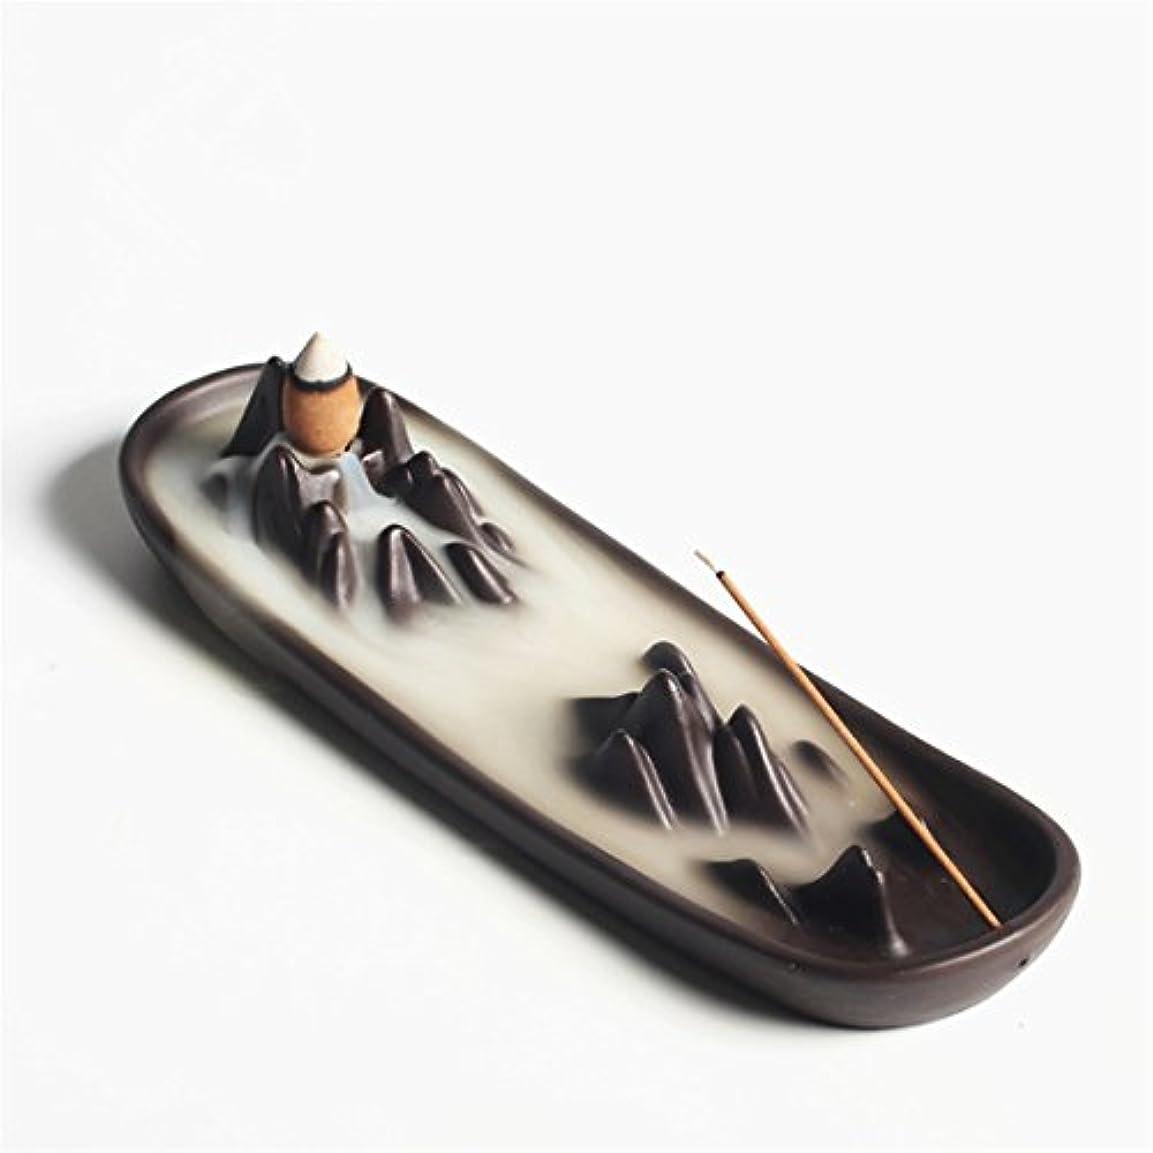 ルールヘリコプター境界Uoon Stick Incense Holder – ロータスリーフヴィンテージIncense Stick Holder円錐Ashキャッチャートレイwith安定ベース ブラック UOON-PAN023